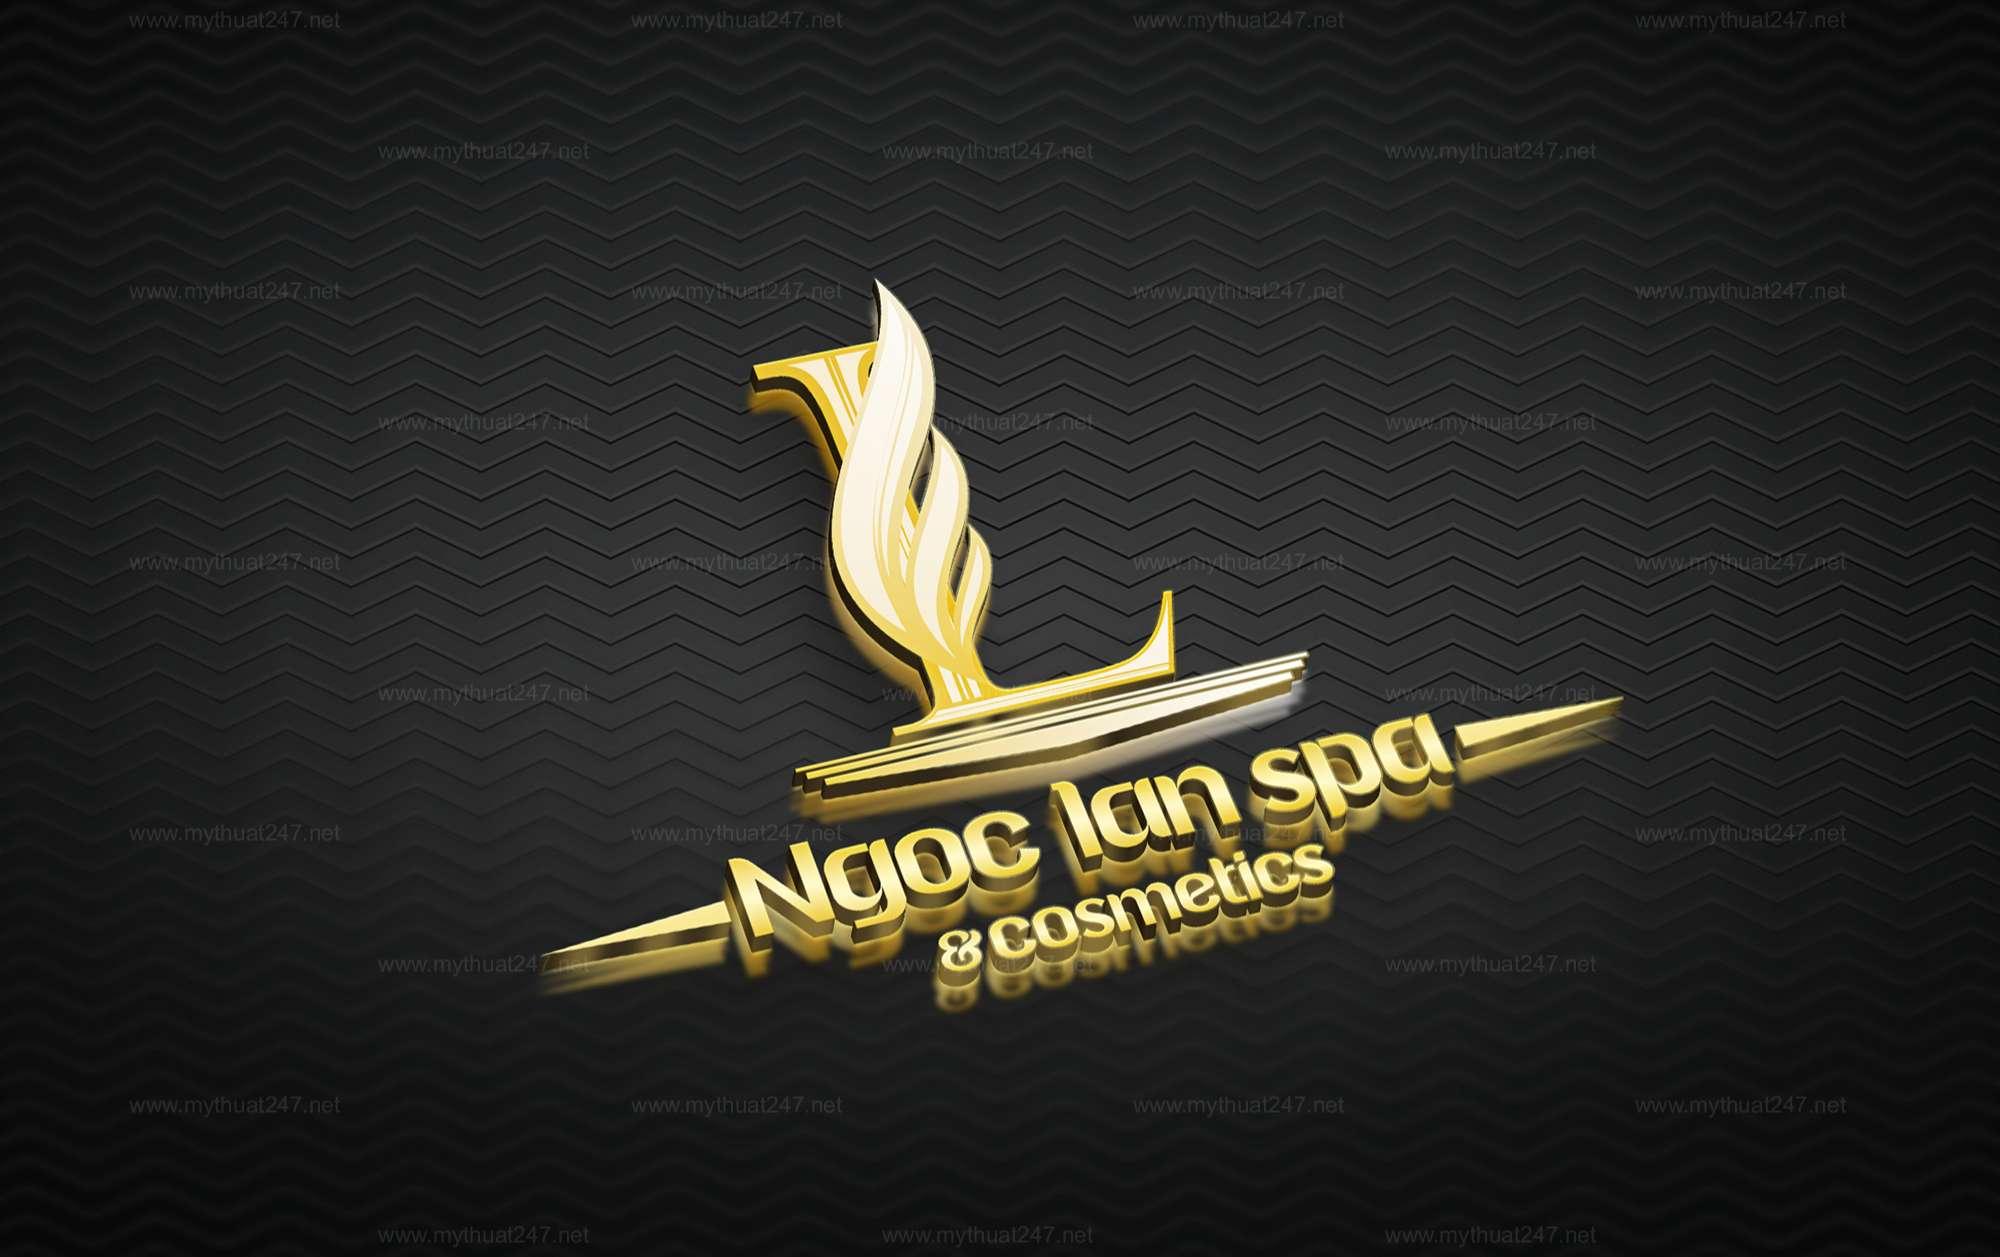 Thiết kế logo ngọc lan spa